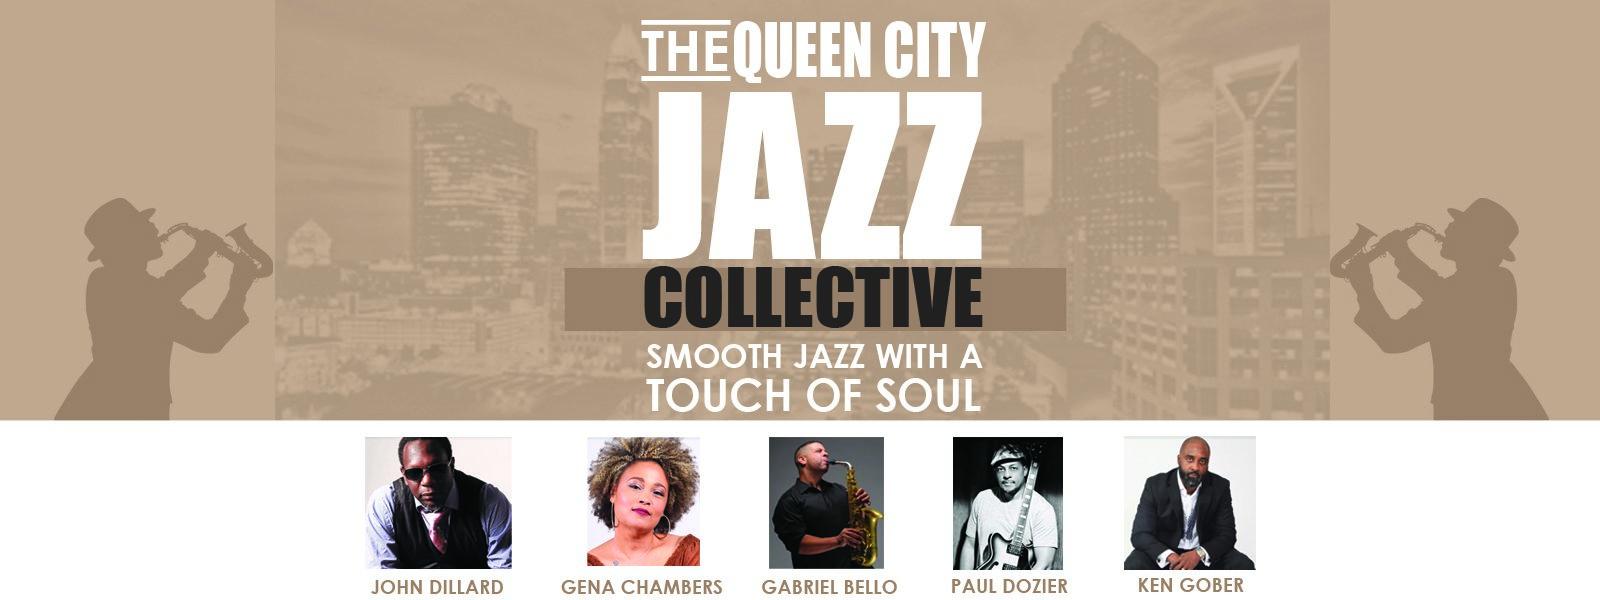 QUEEN CITY JAZZ COLLECTIVE 5pm @ Stage Door Theater